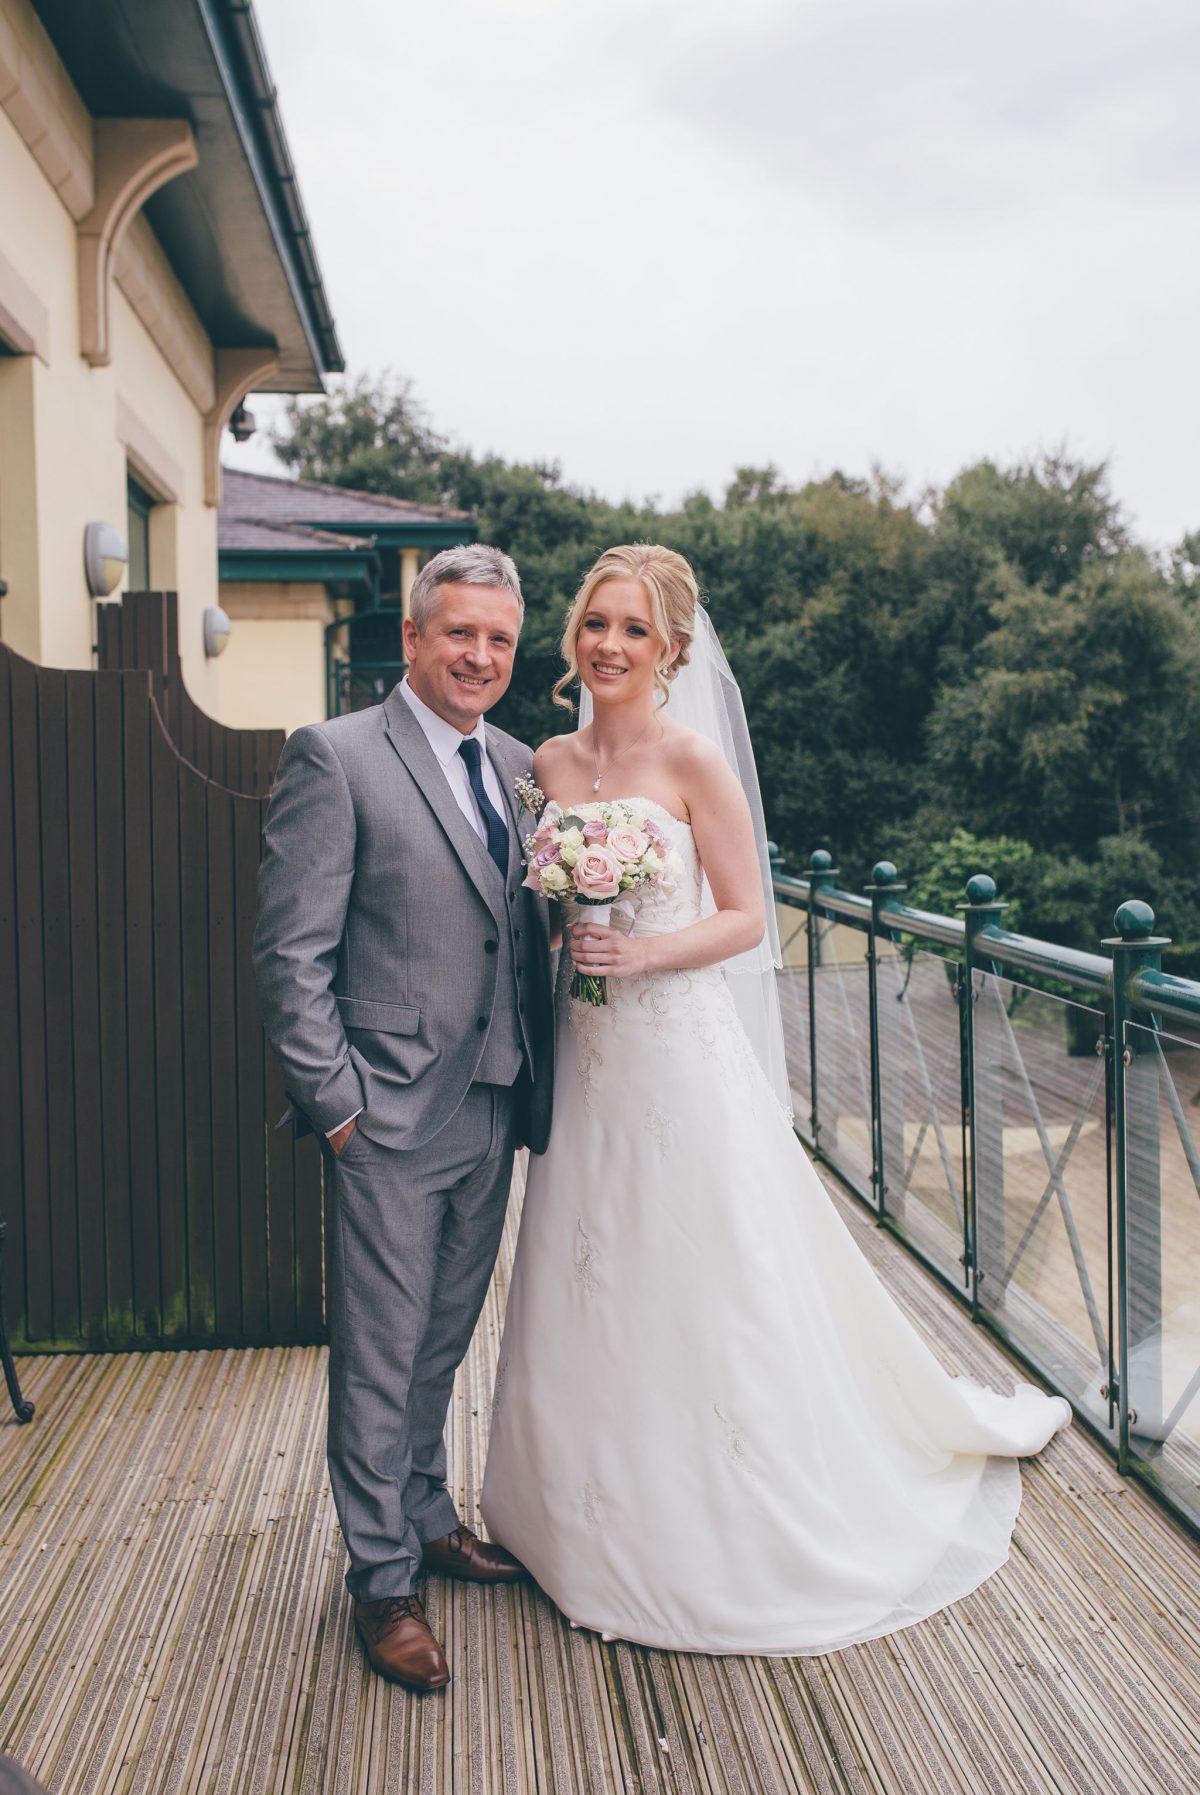 welsh_wedding_photographer_rachel_lambert_photography_canada_lake_lodge_michaela_haydn_ 29